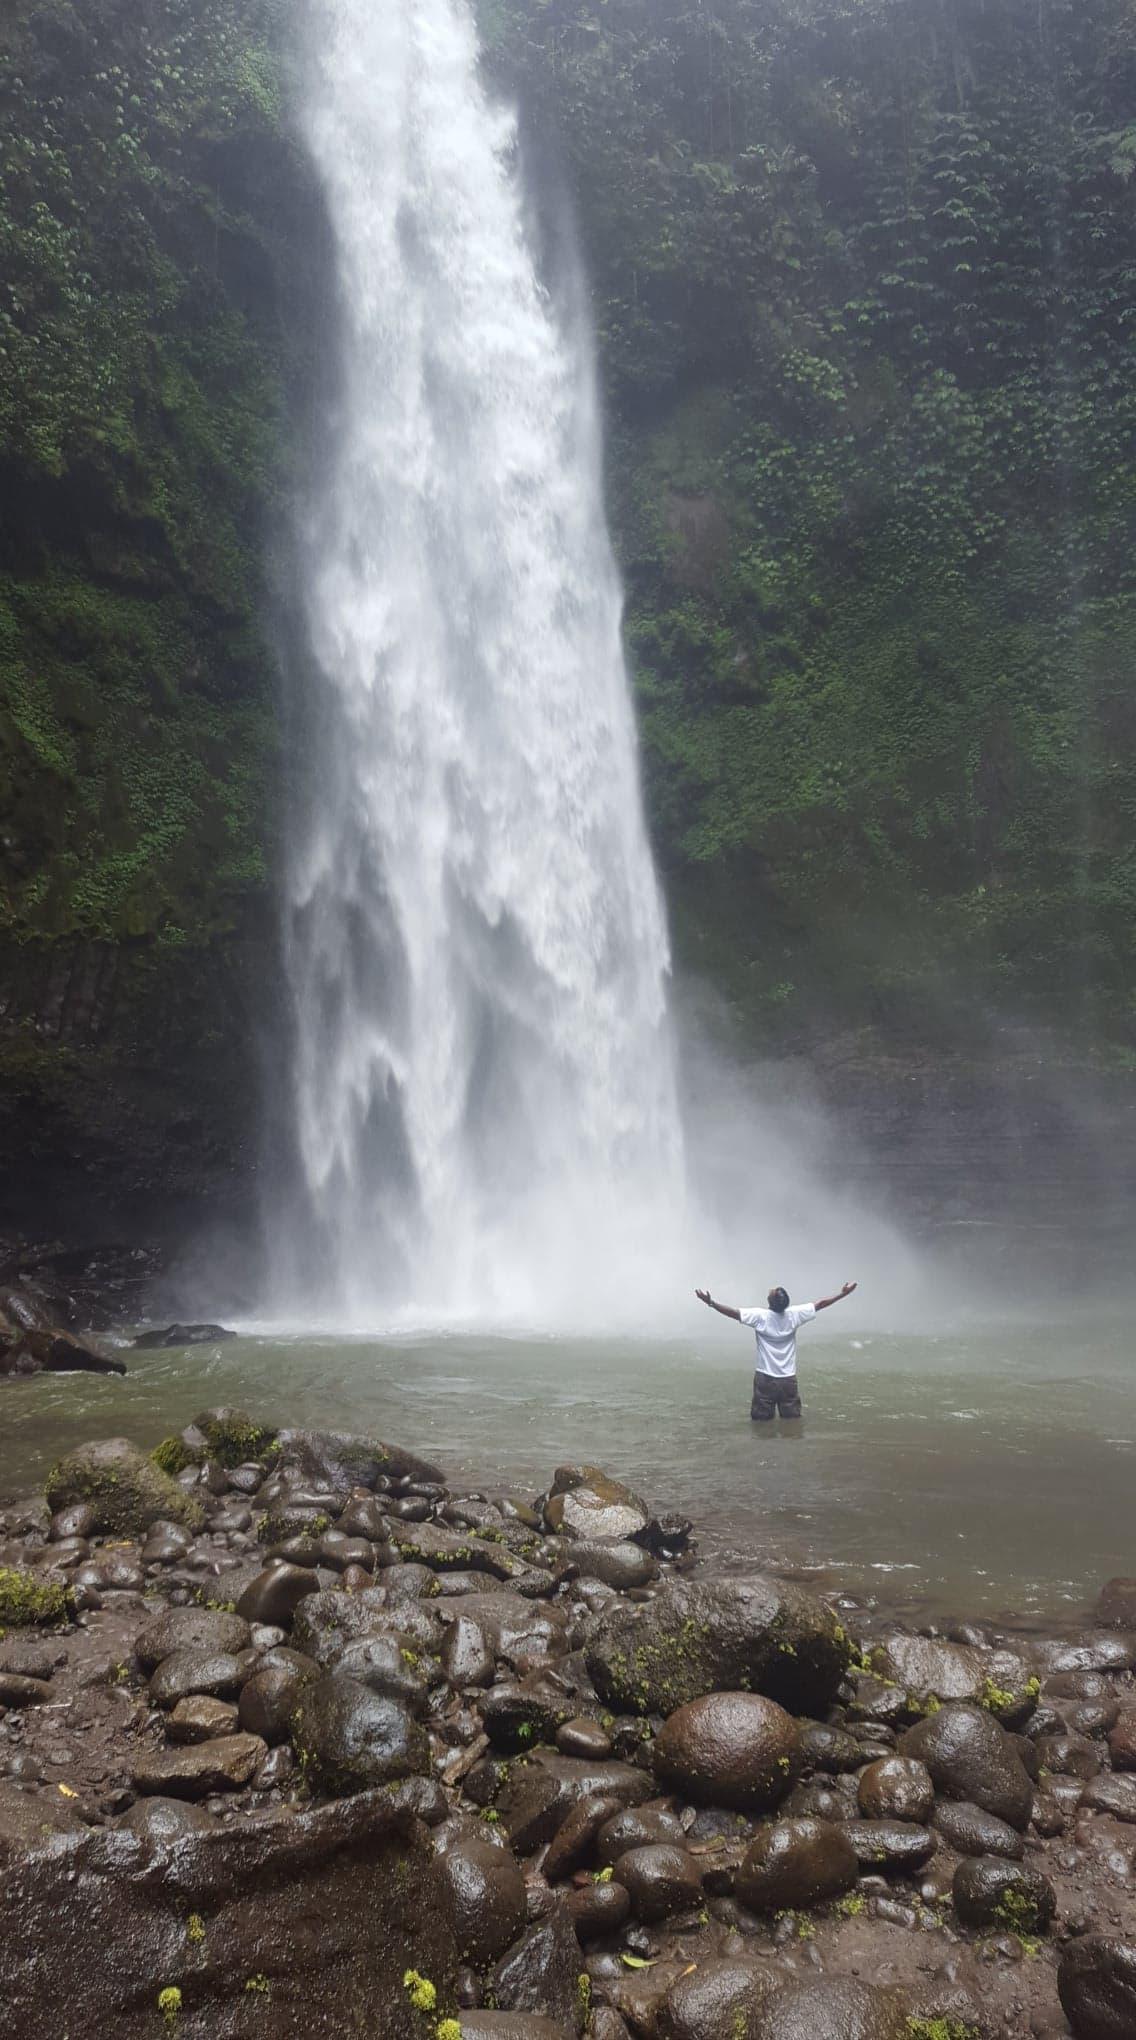 Nyang Nyang Waterfall